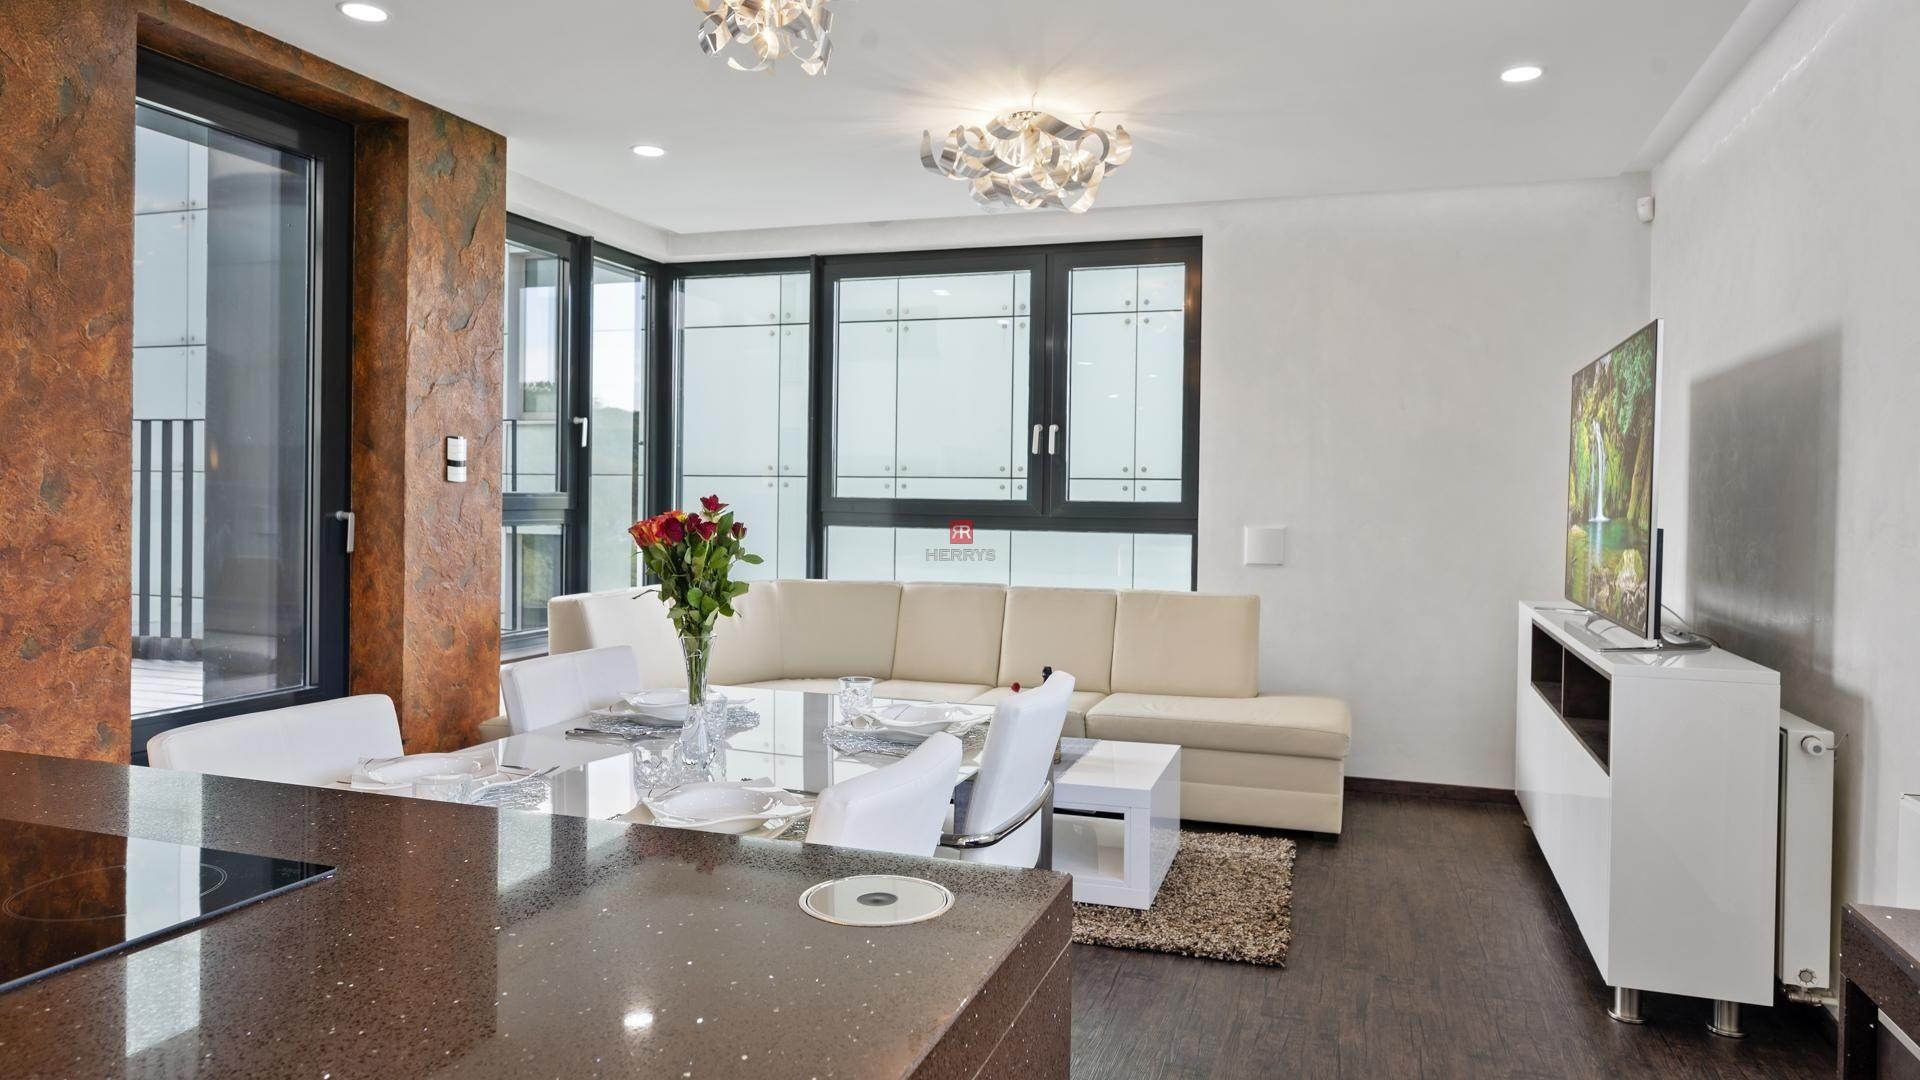 HERRYS - Na predaj exkluzívny a nadštandardný 3izbový byt s umelou inteligenciou, dvoma kúpeľňami, terasou a garážovým státím v obľúbenom projekte RIVER PARK